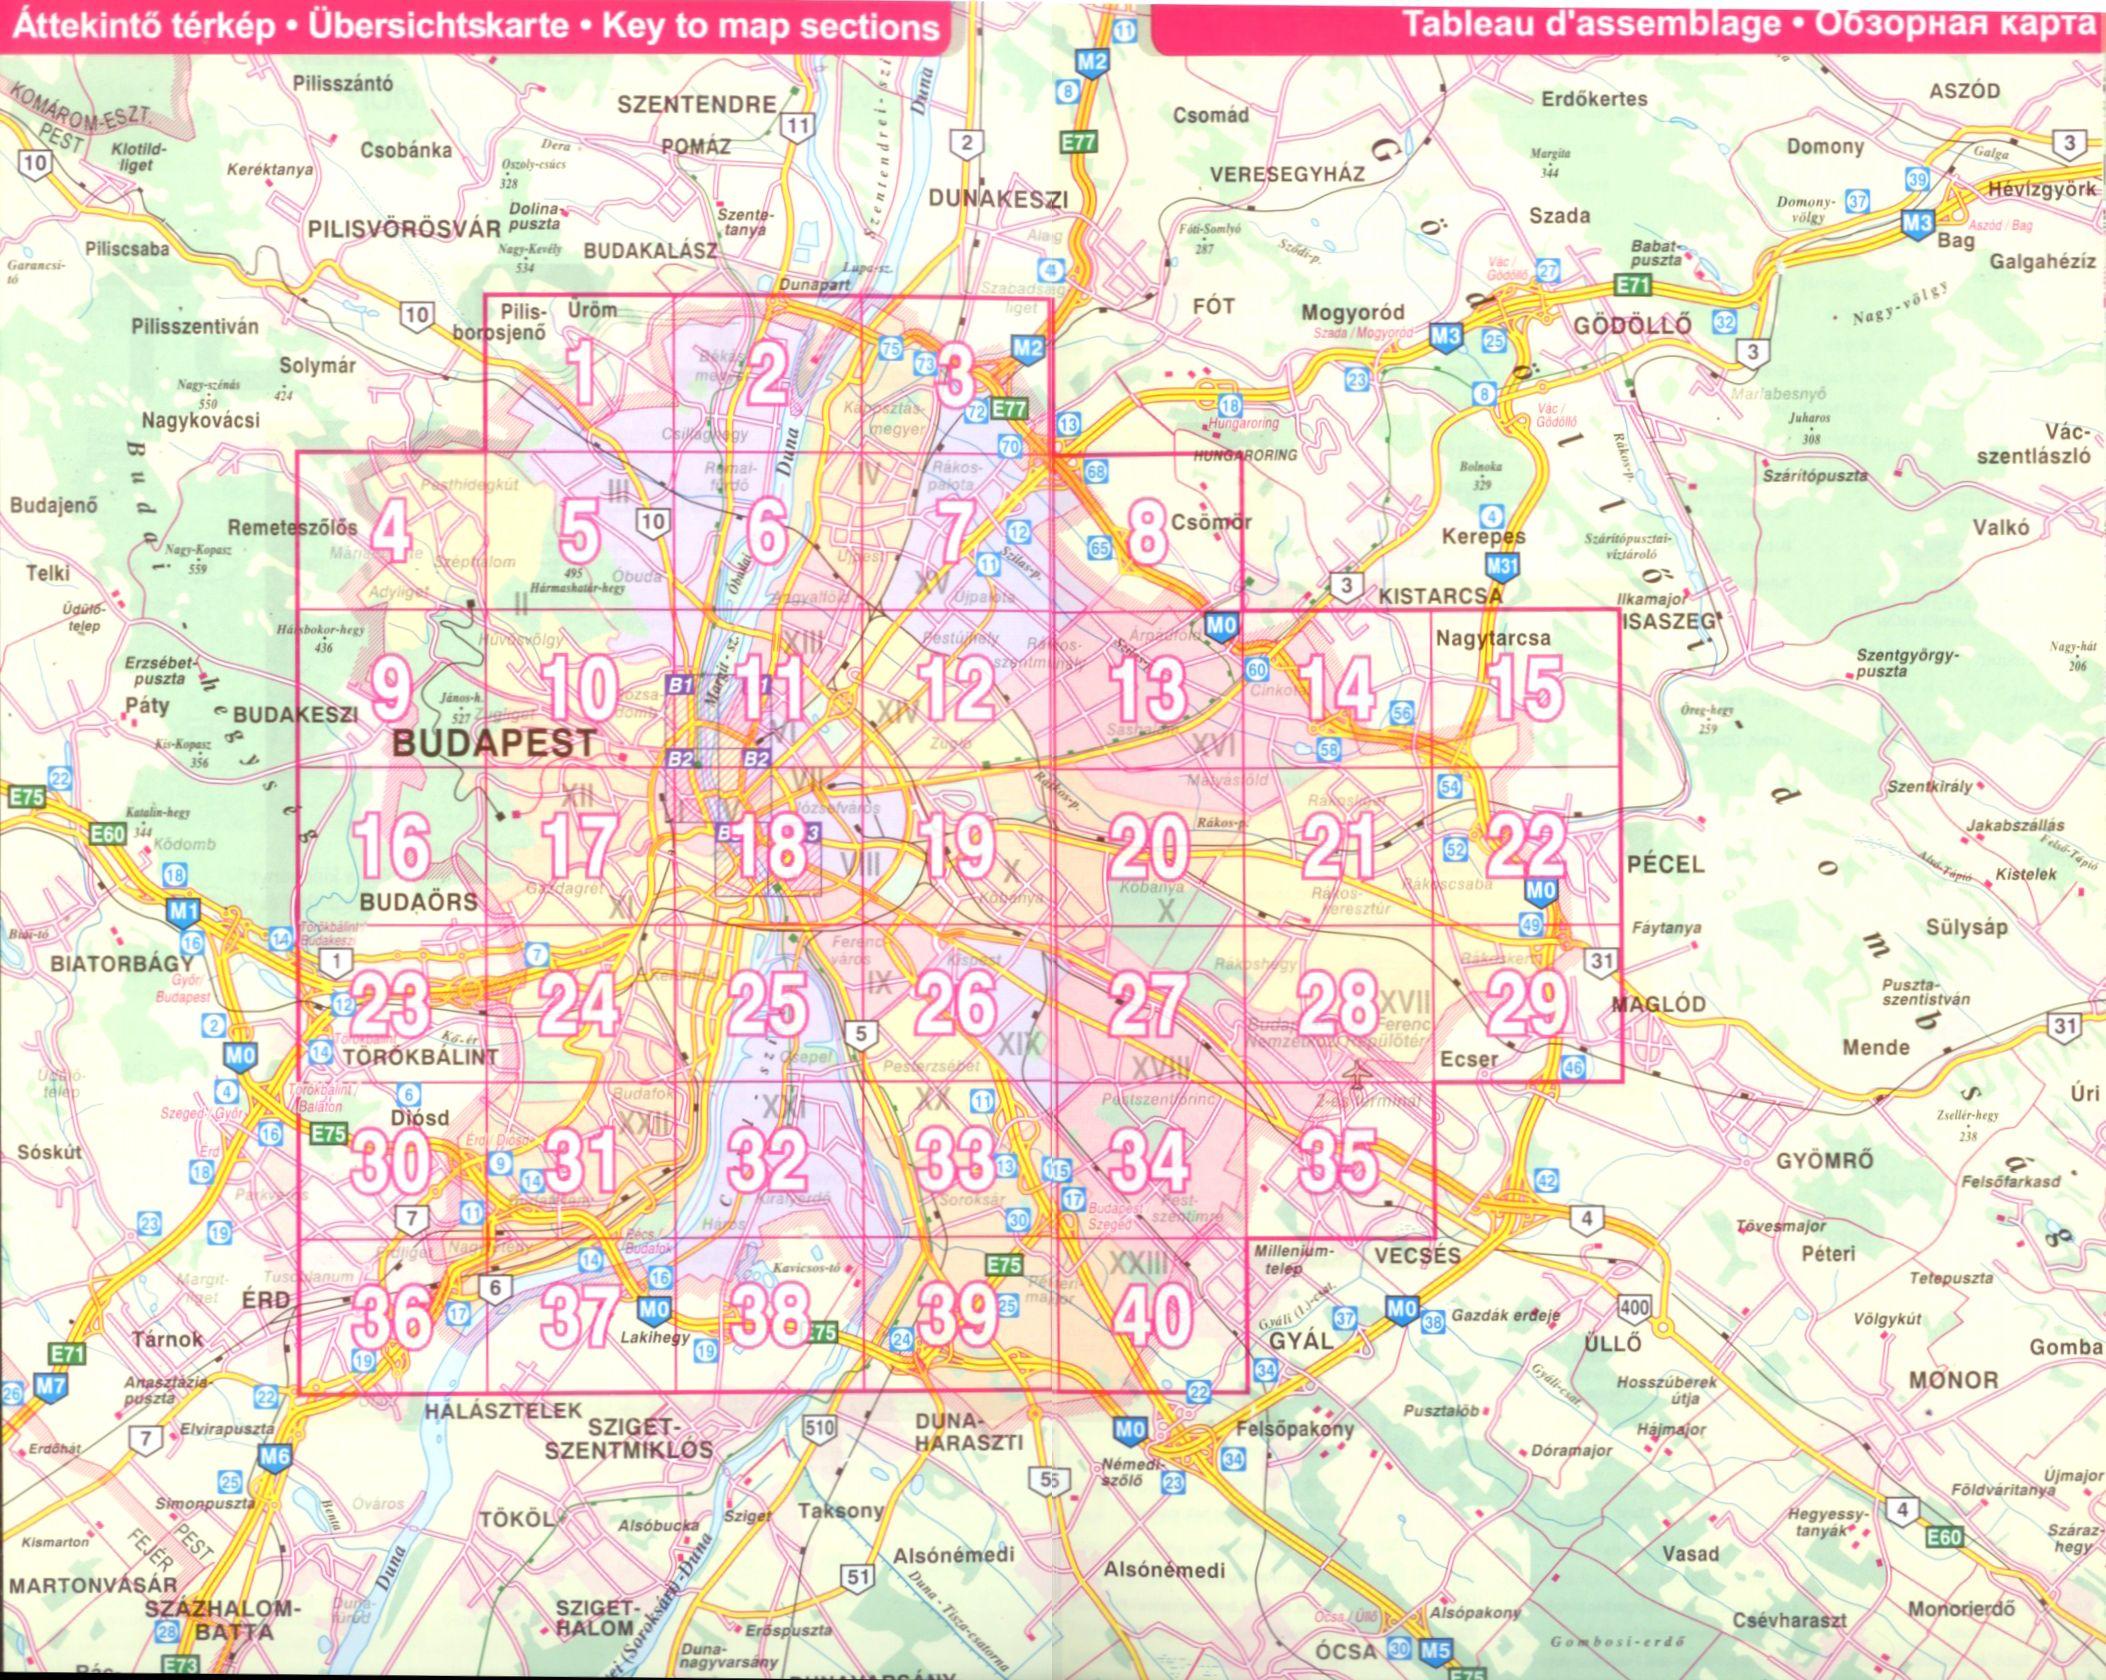 Budapest lapok áttekintő térképe